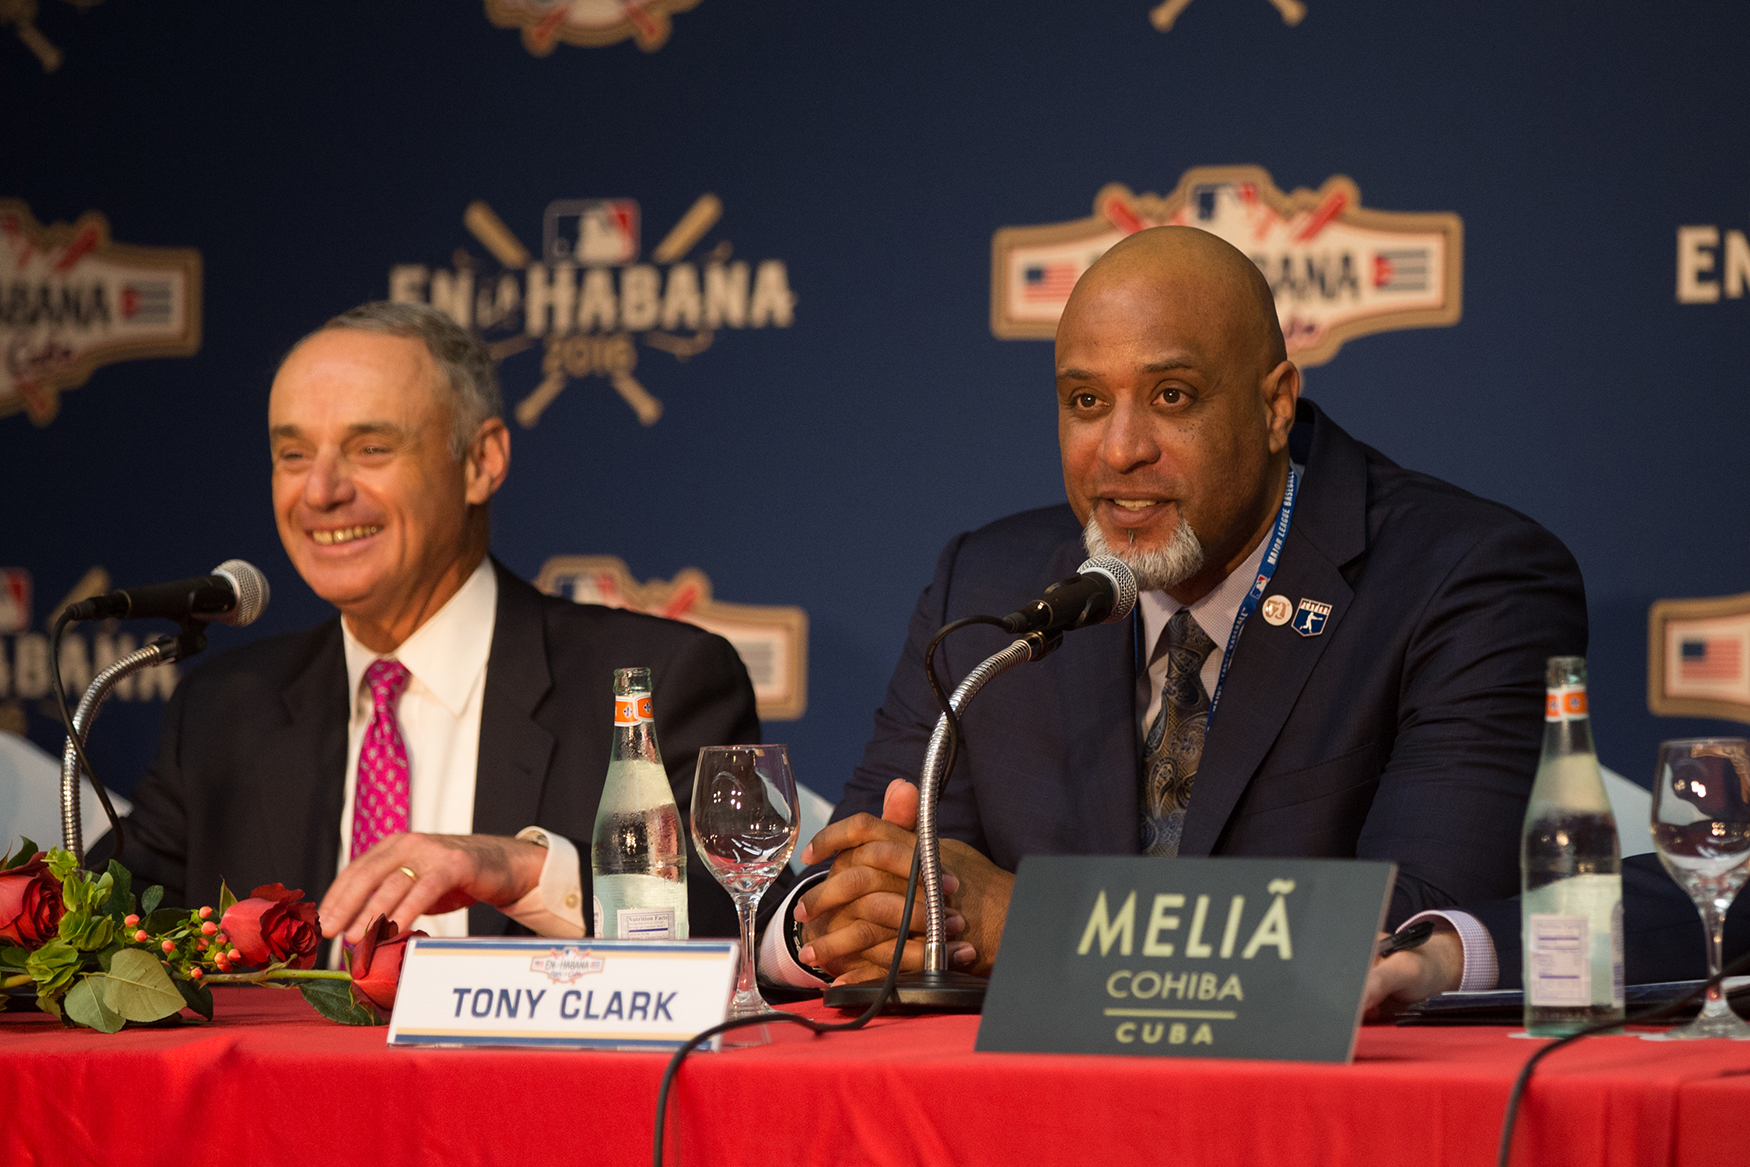 Tampa Bay Rays vs. Cuban National Team - Major League Baseball En La Habana